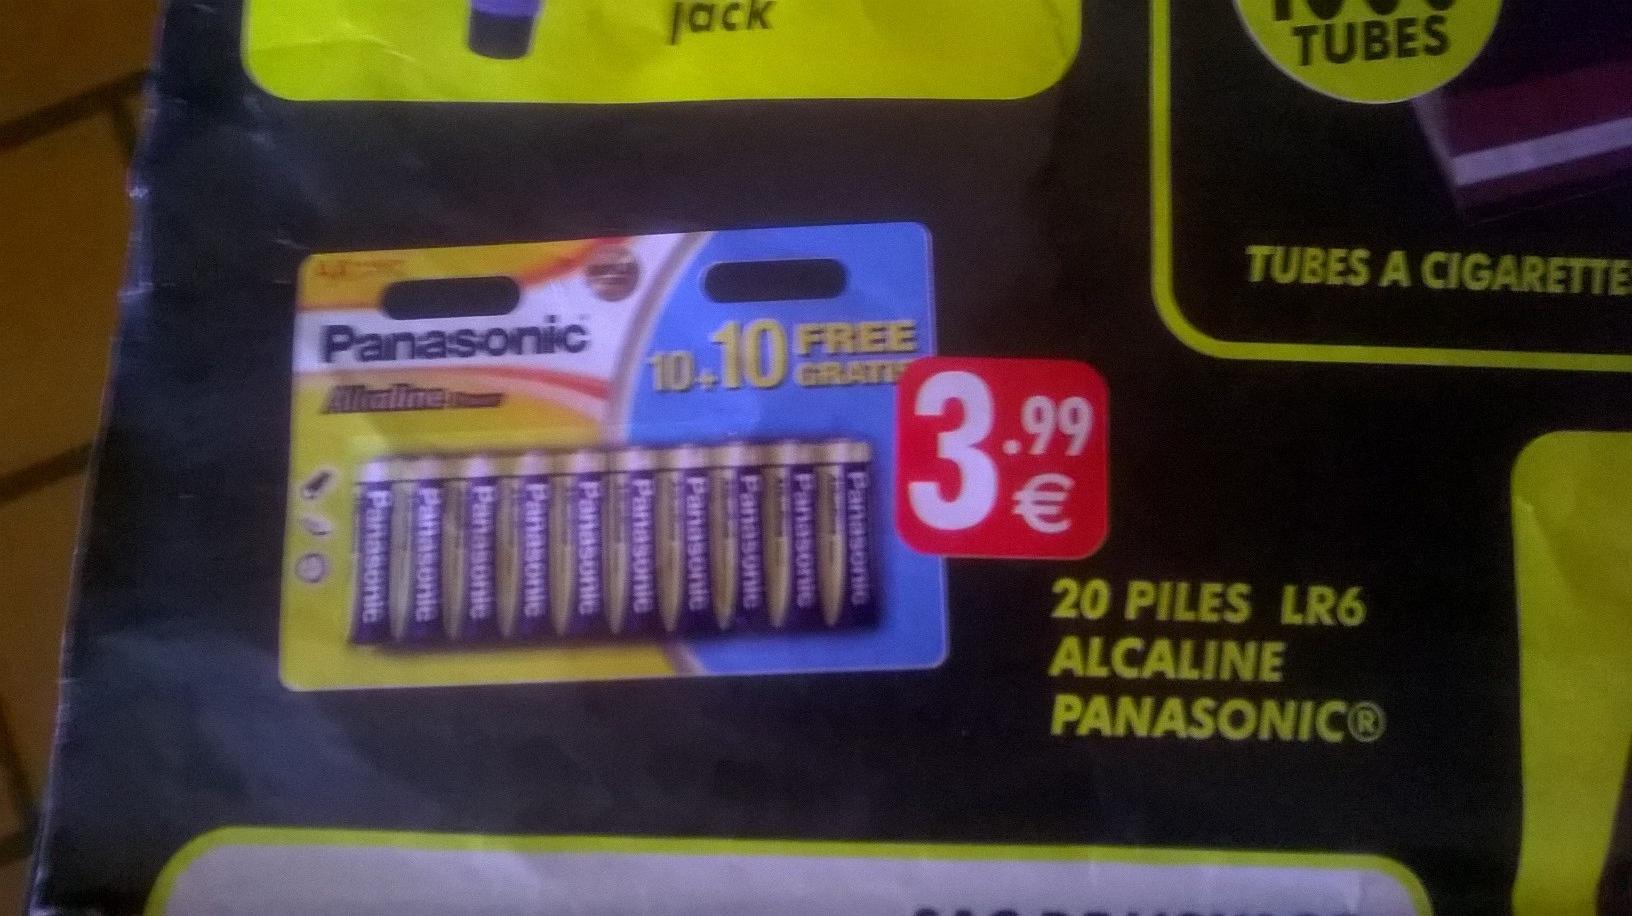 Sélection d'un large choix produits en promo Ex : Lot de 20 Piles AA LR6 Alcaline Panasonic